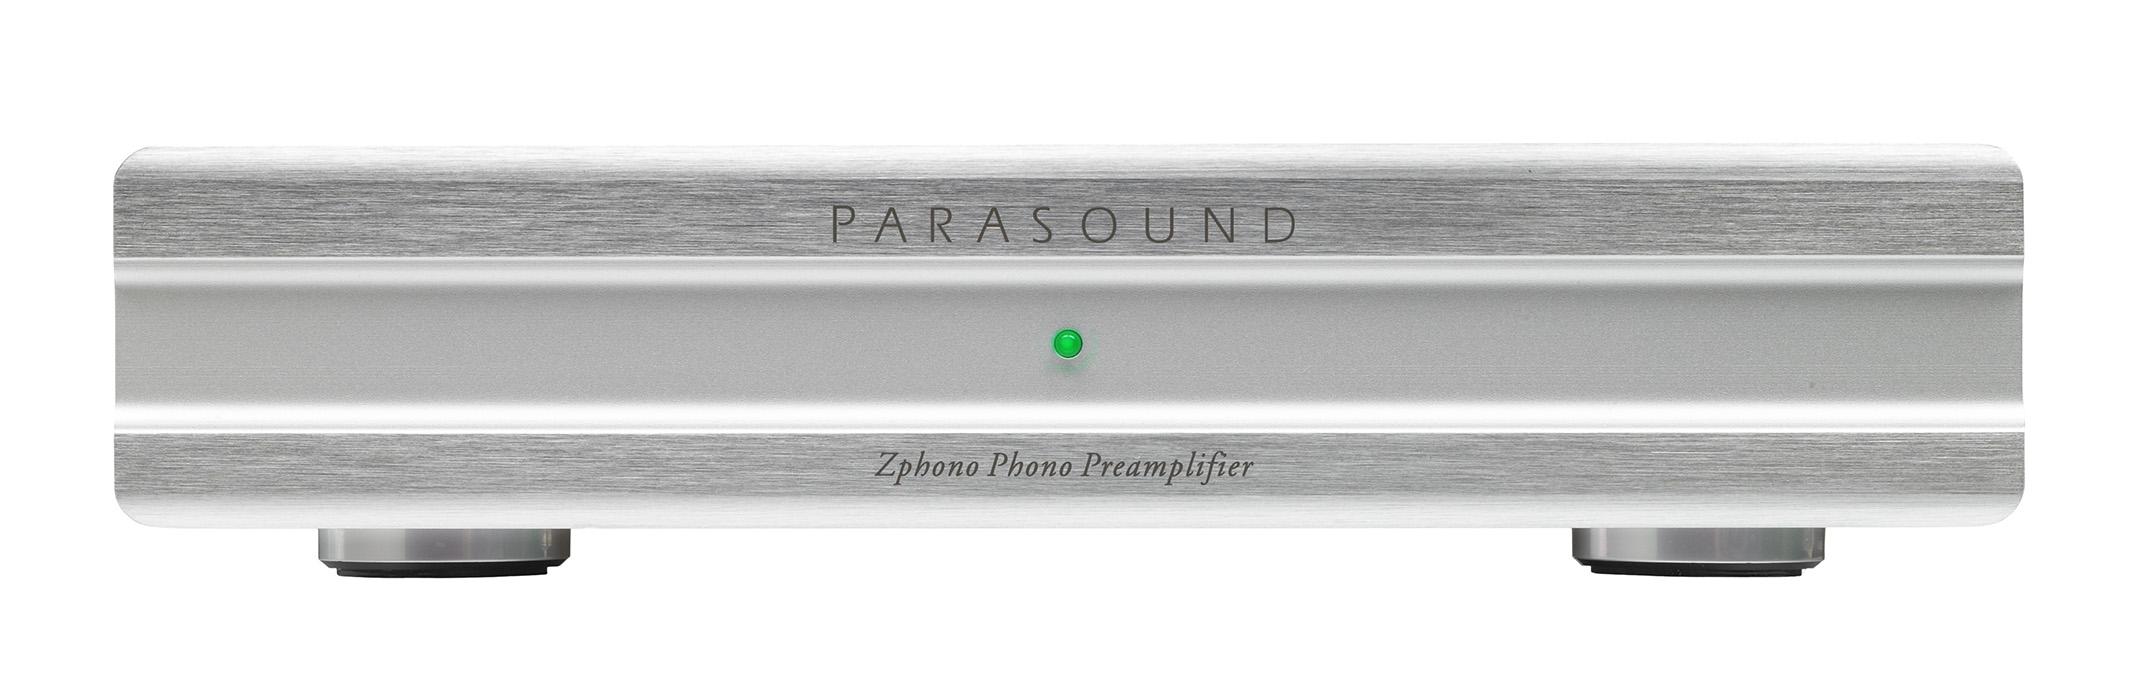 Фонокорректоры Parasound Zphono silver parasound a23 silver